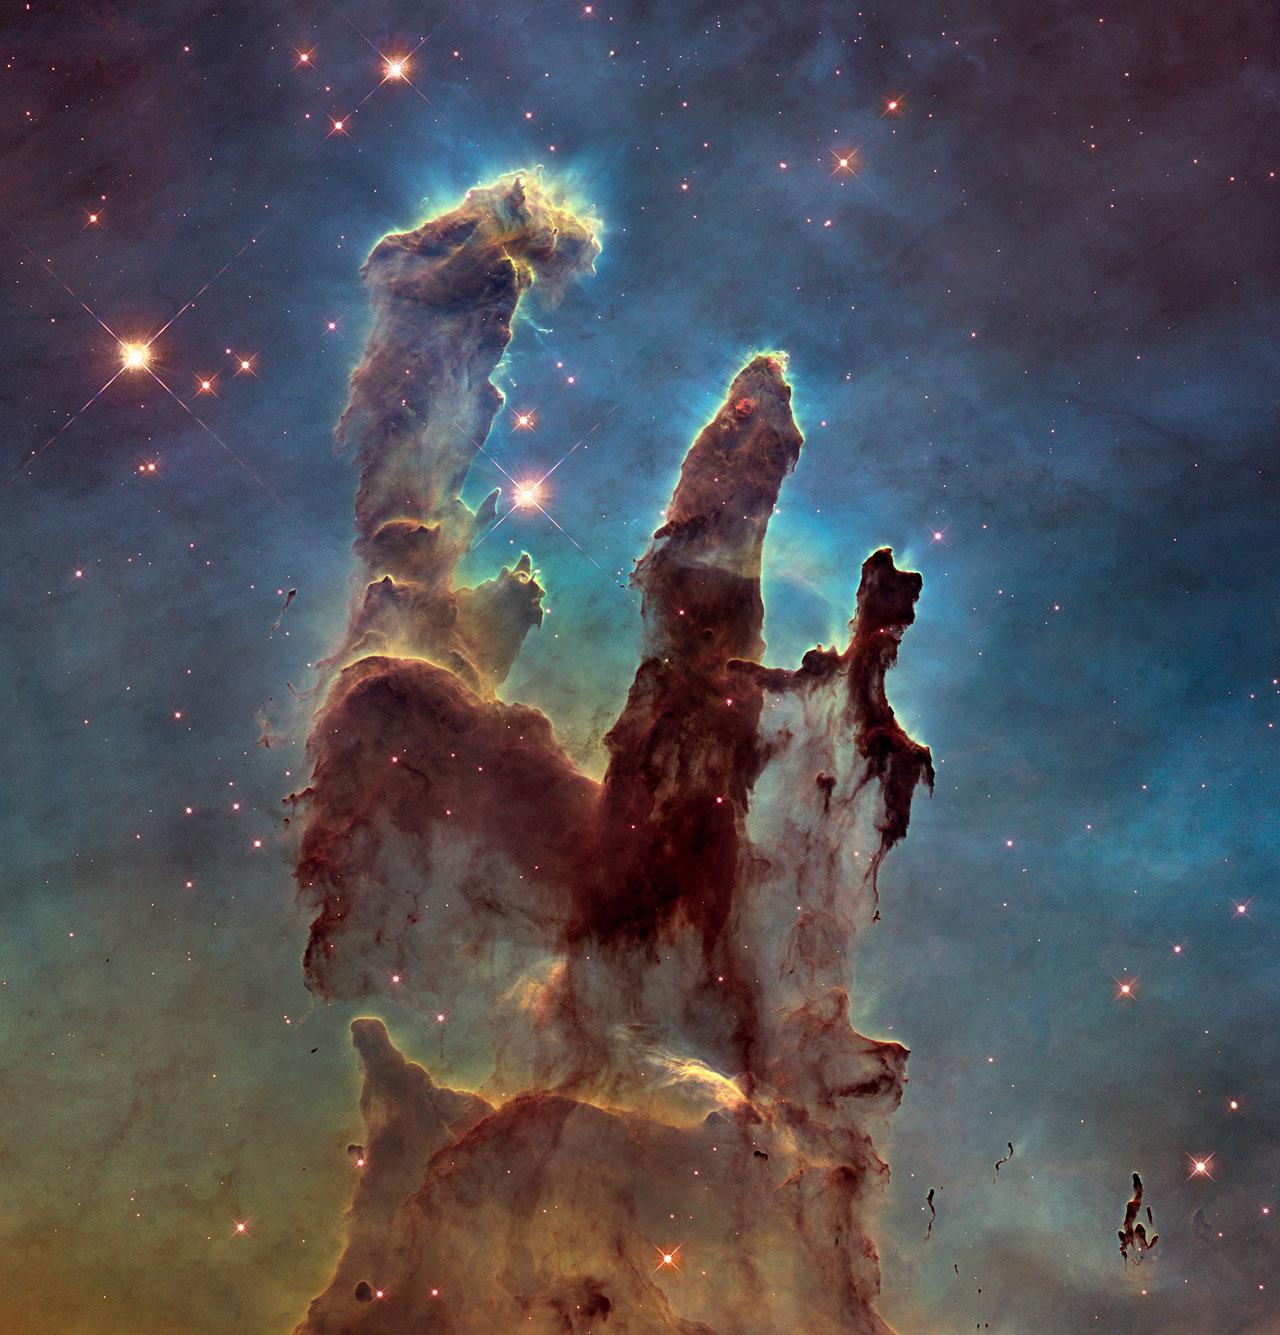 L'immagine più conosciuta de I Pilastri della Creazione è questa, realizzata in luce visibile